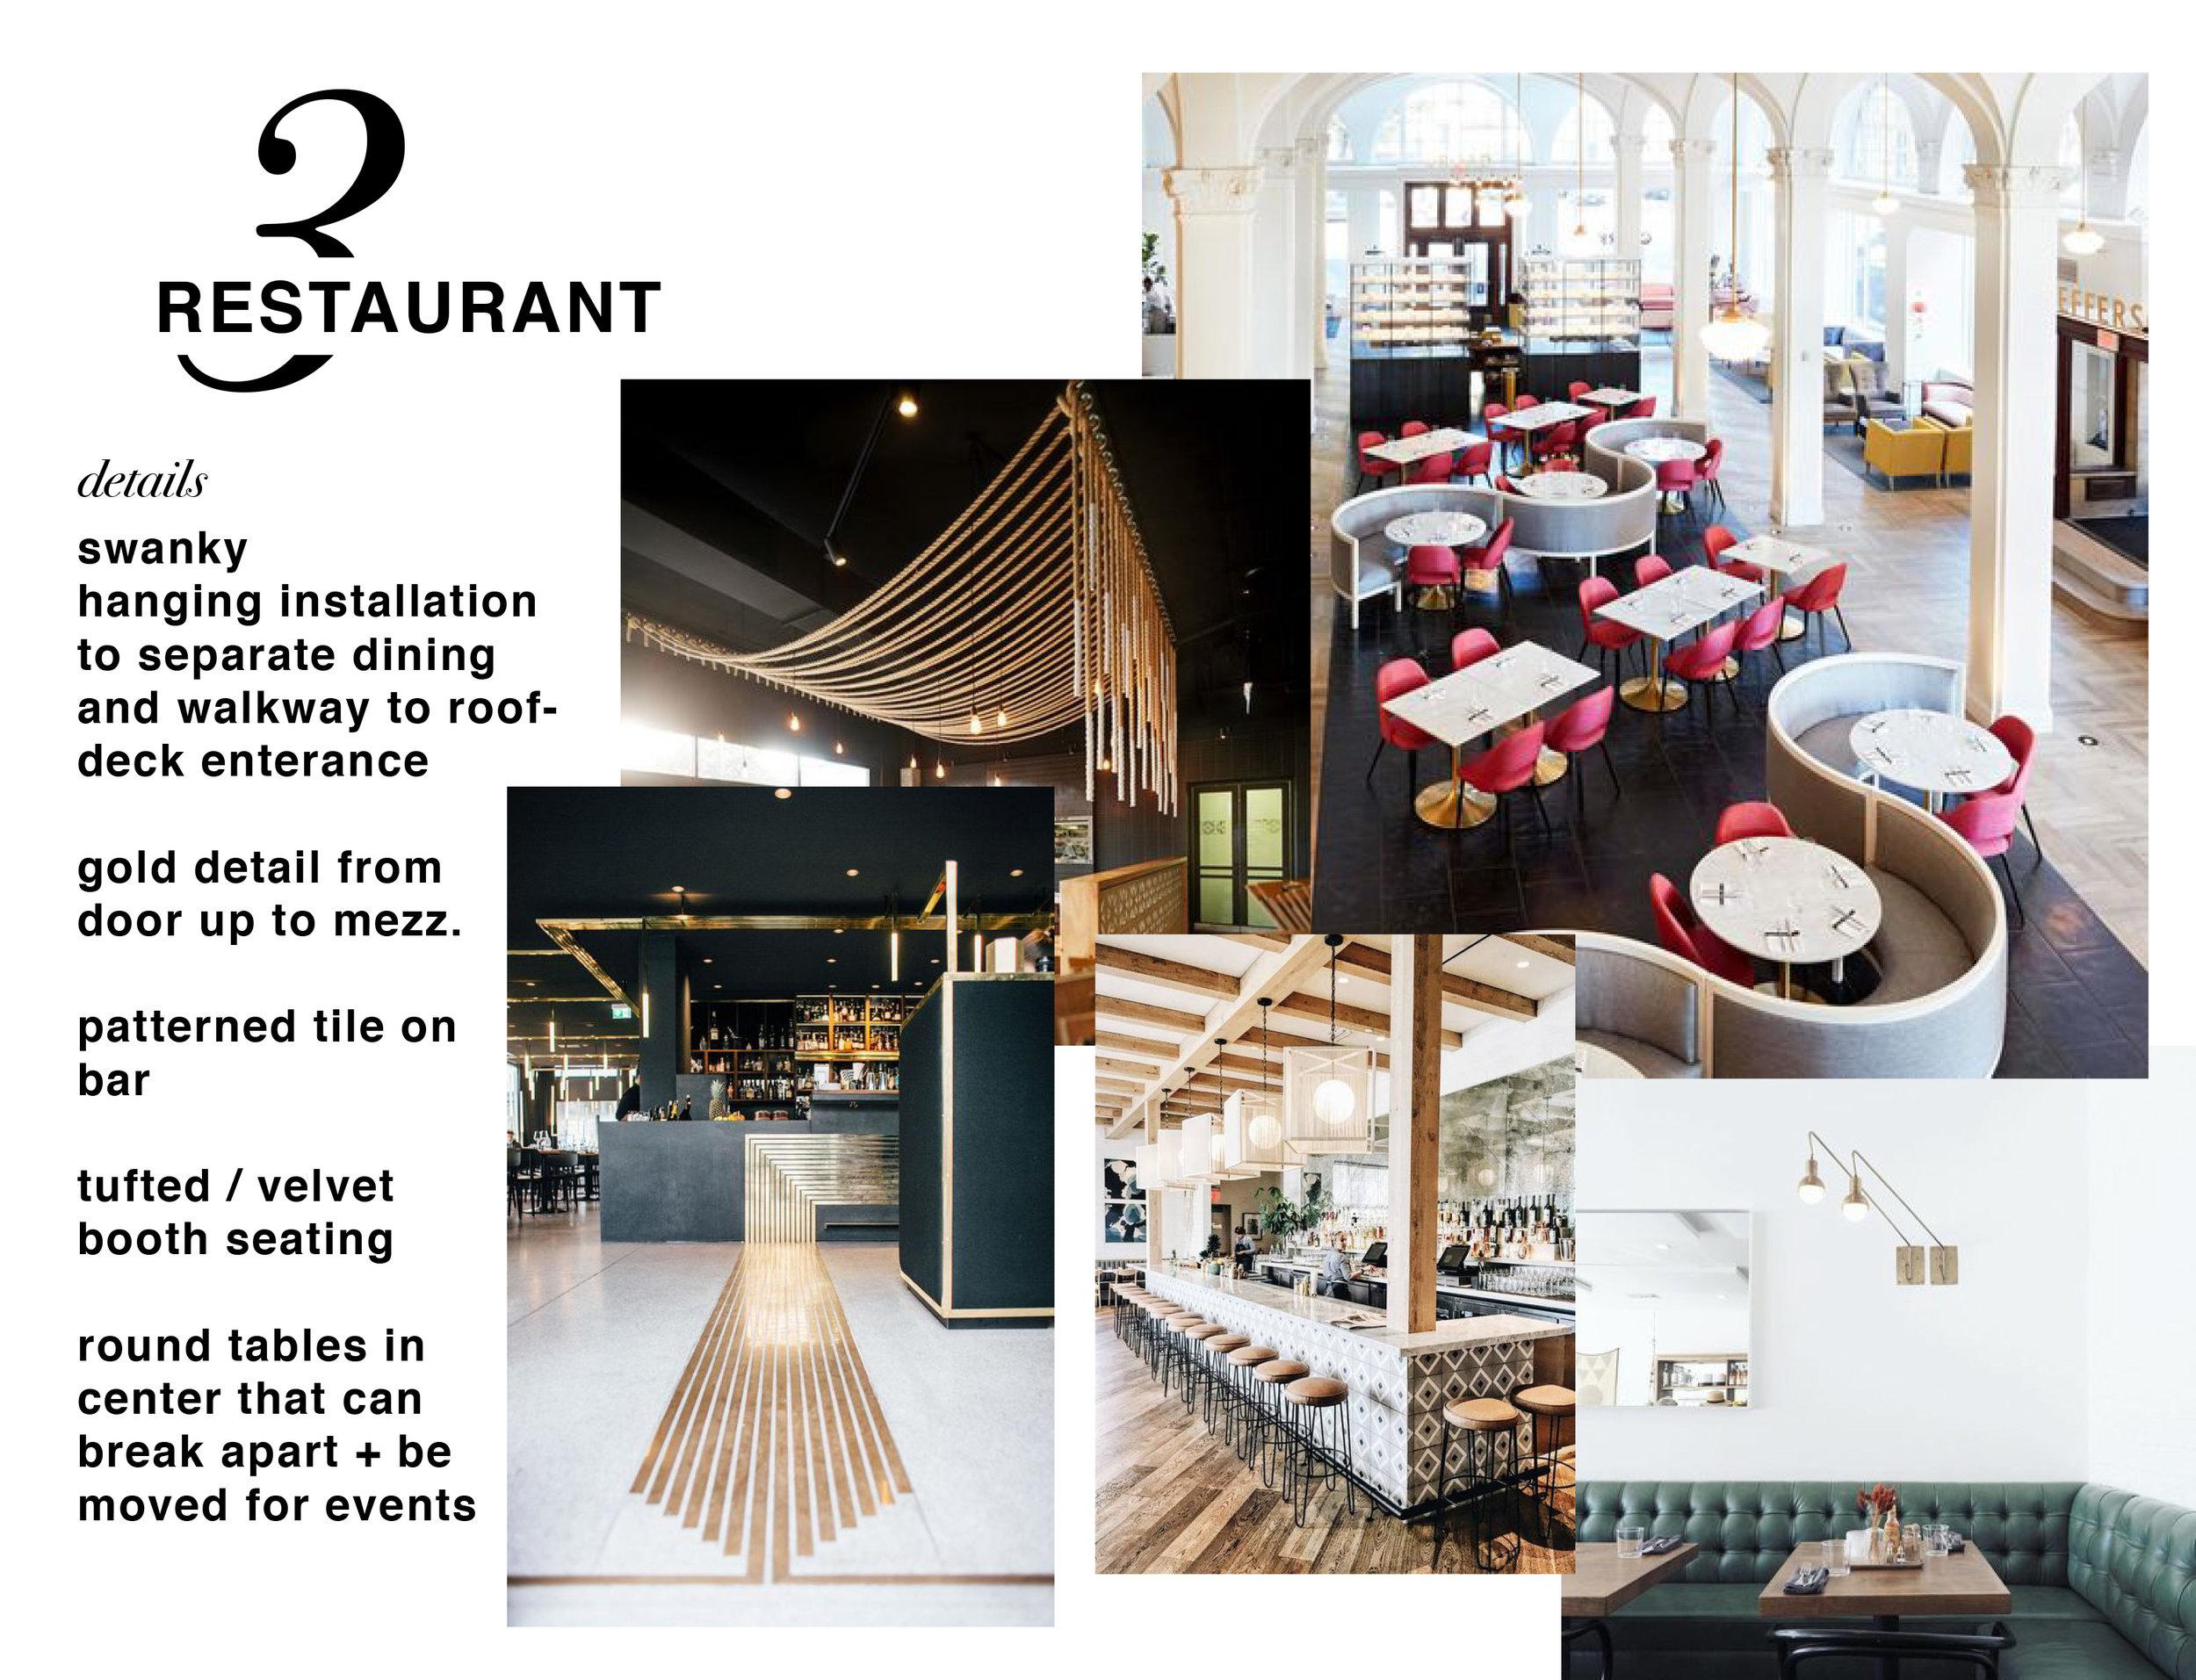 Mood_3_Restaurant.jpg